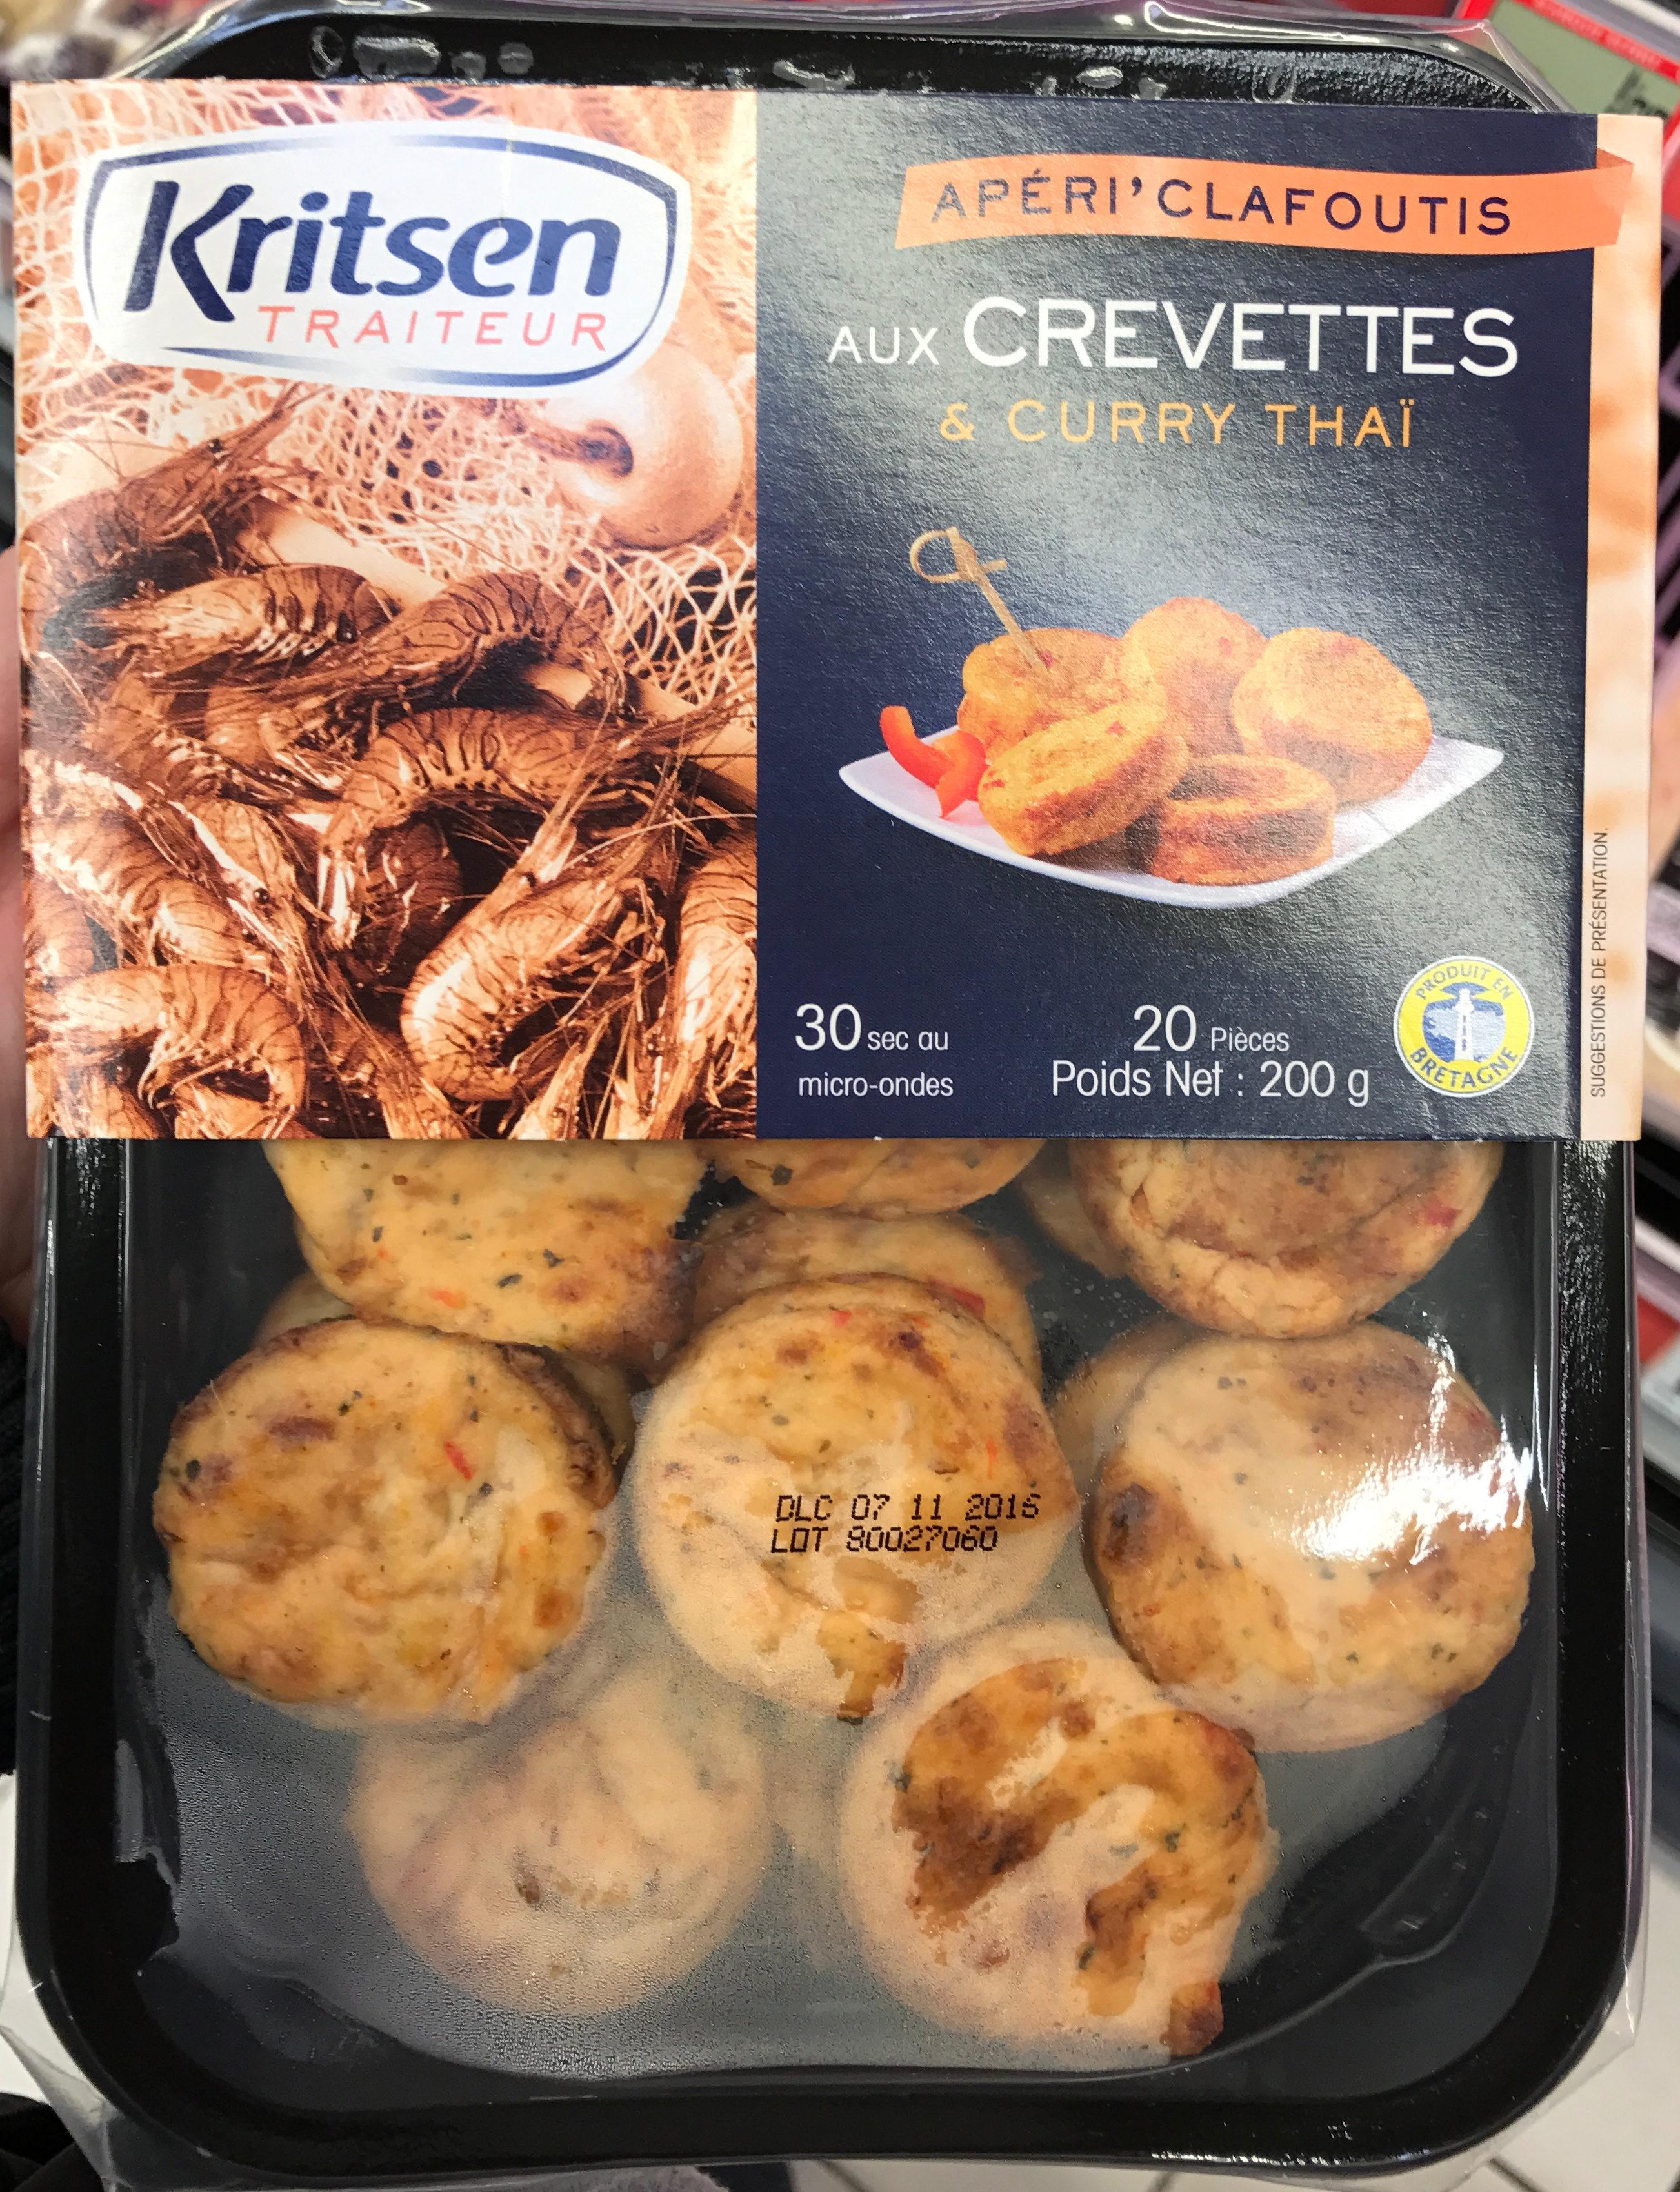 Apéri' Clafoutis aux crevettes & curry Thaï - Product - fr